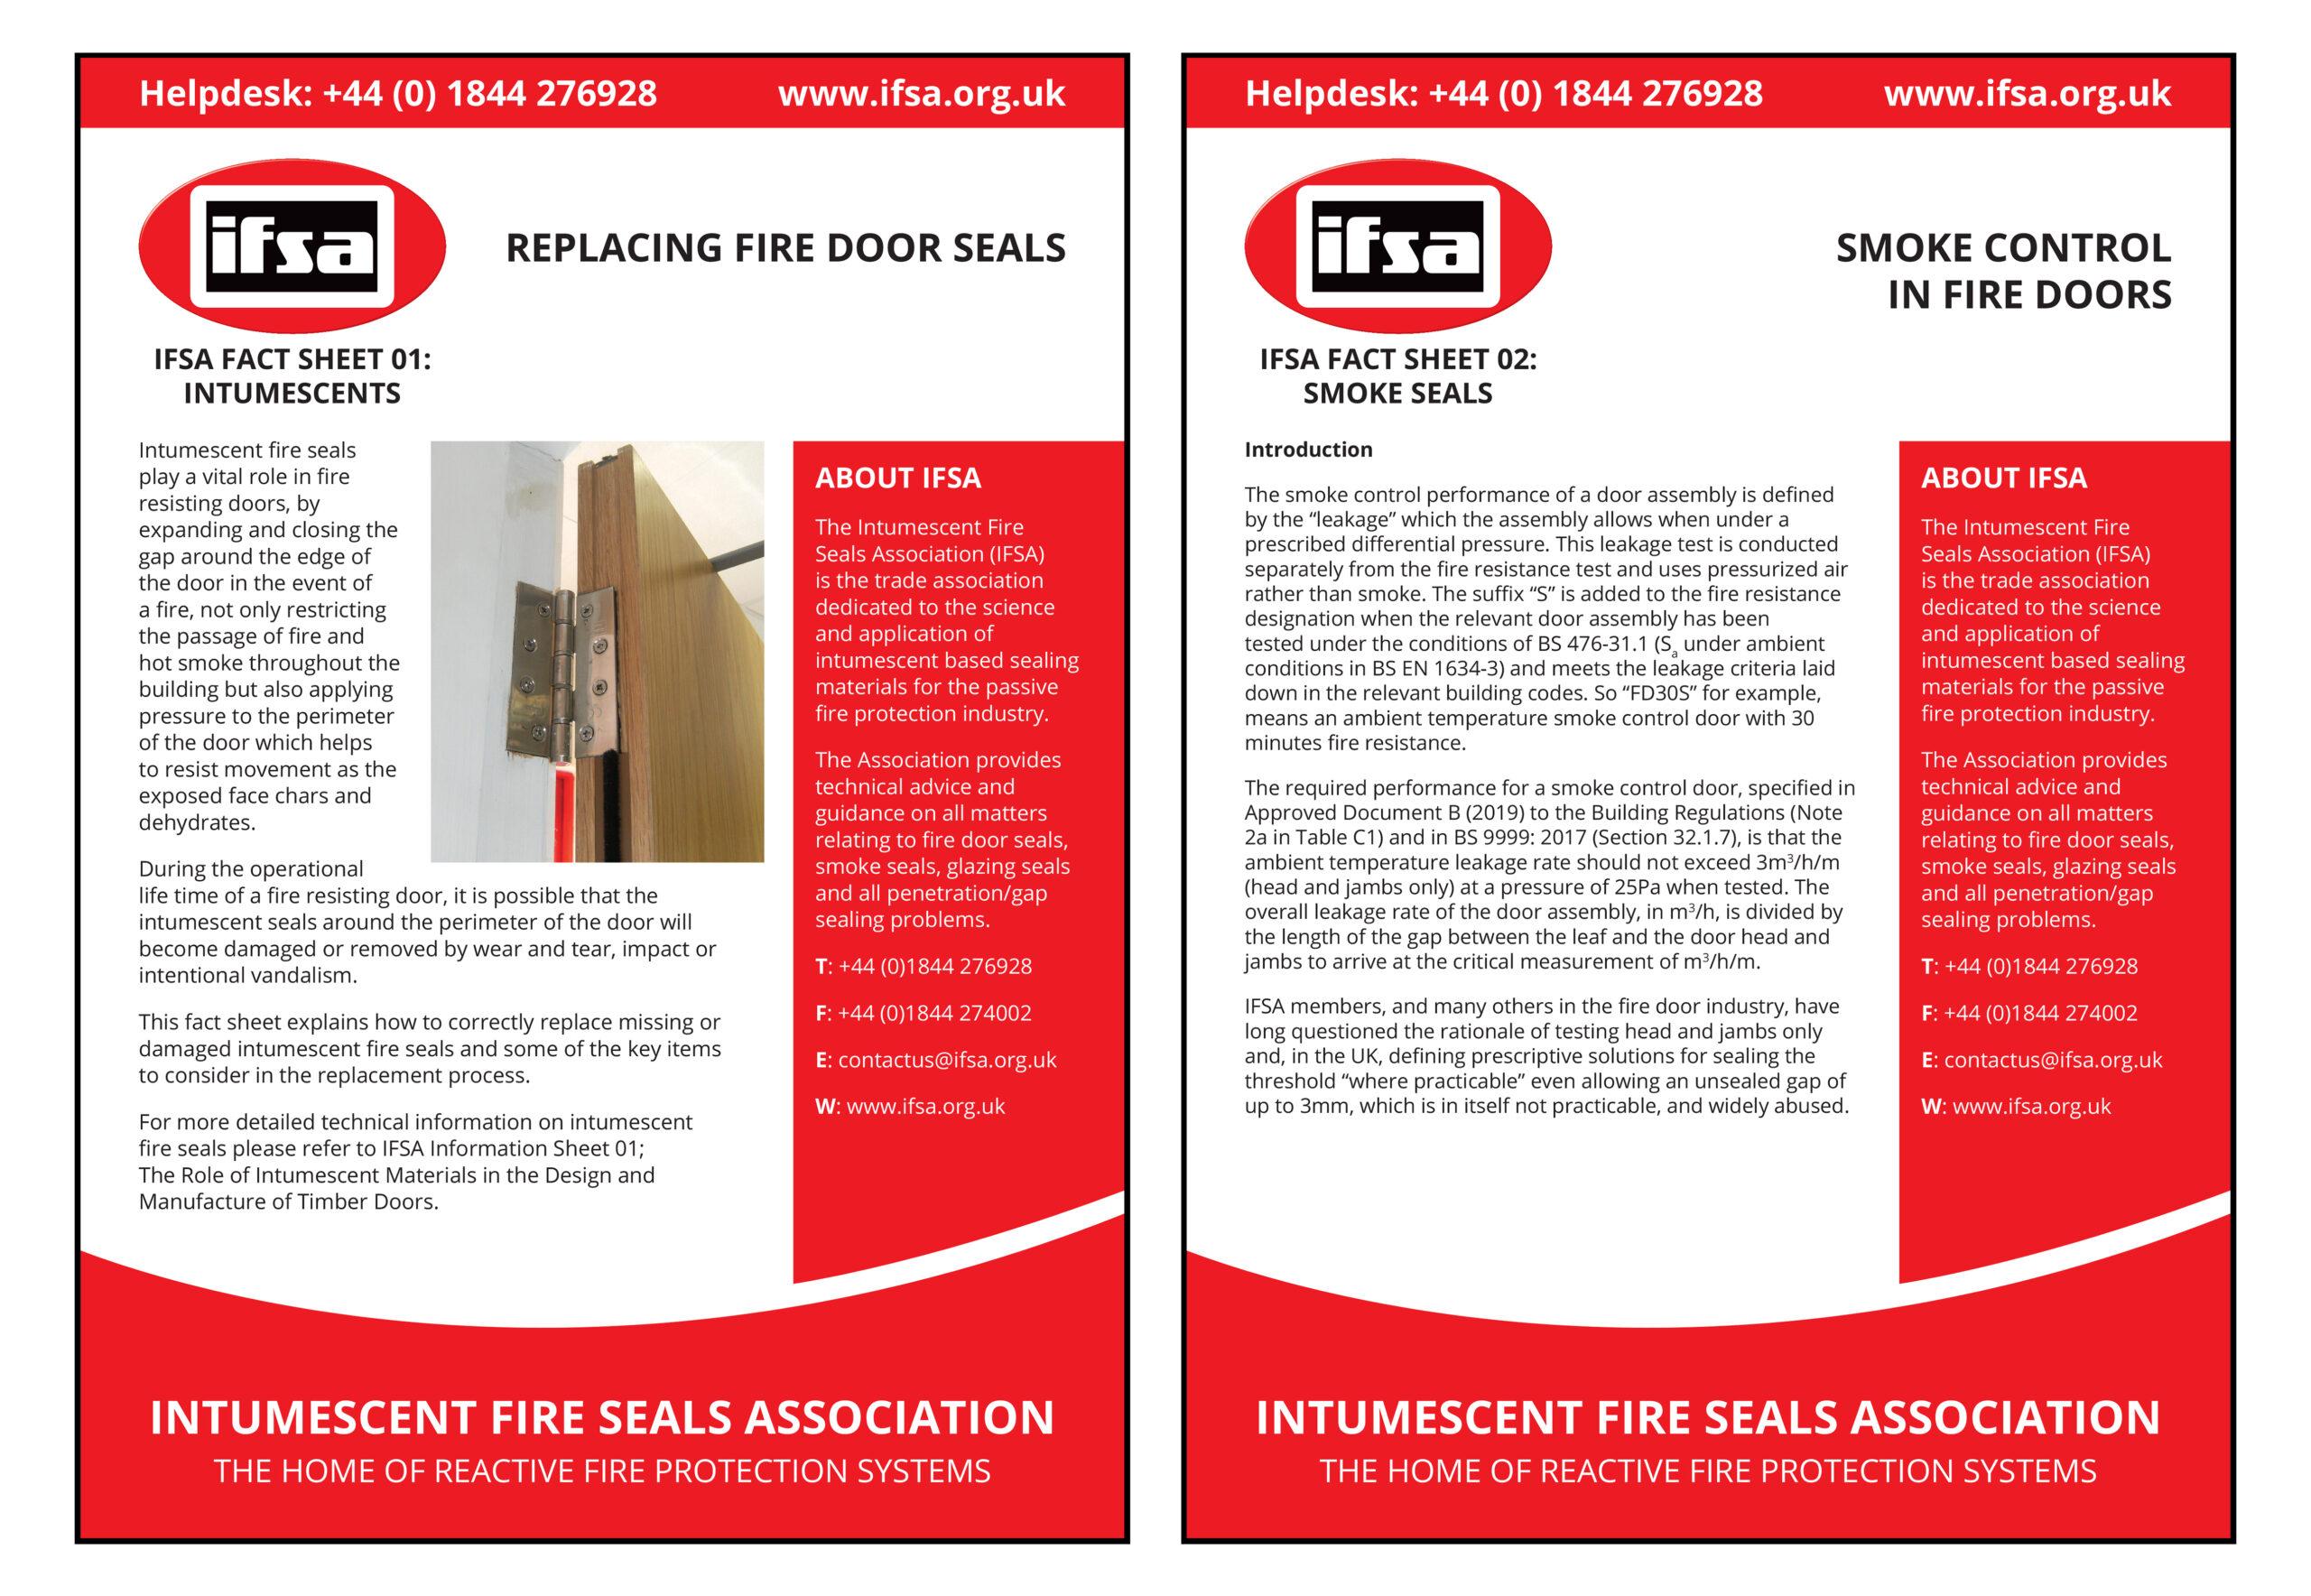 IFSA Fact Sheets